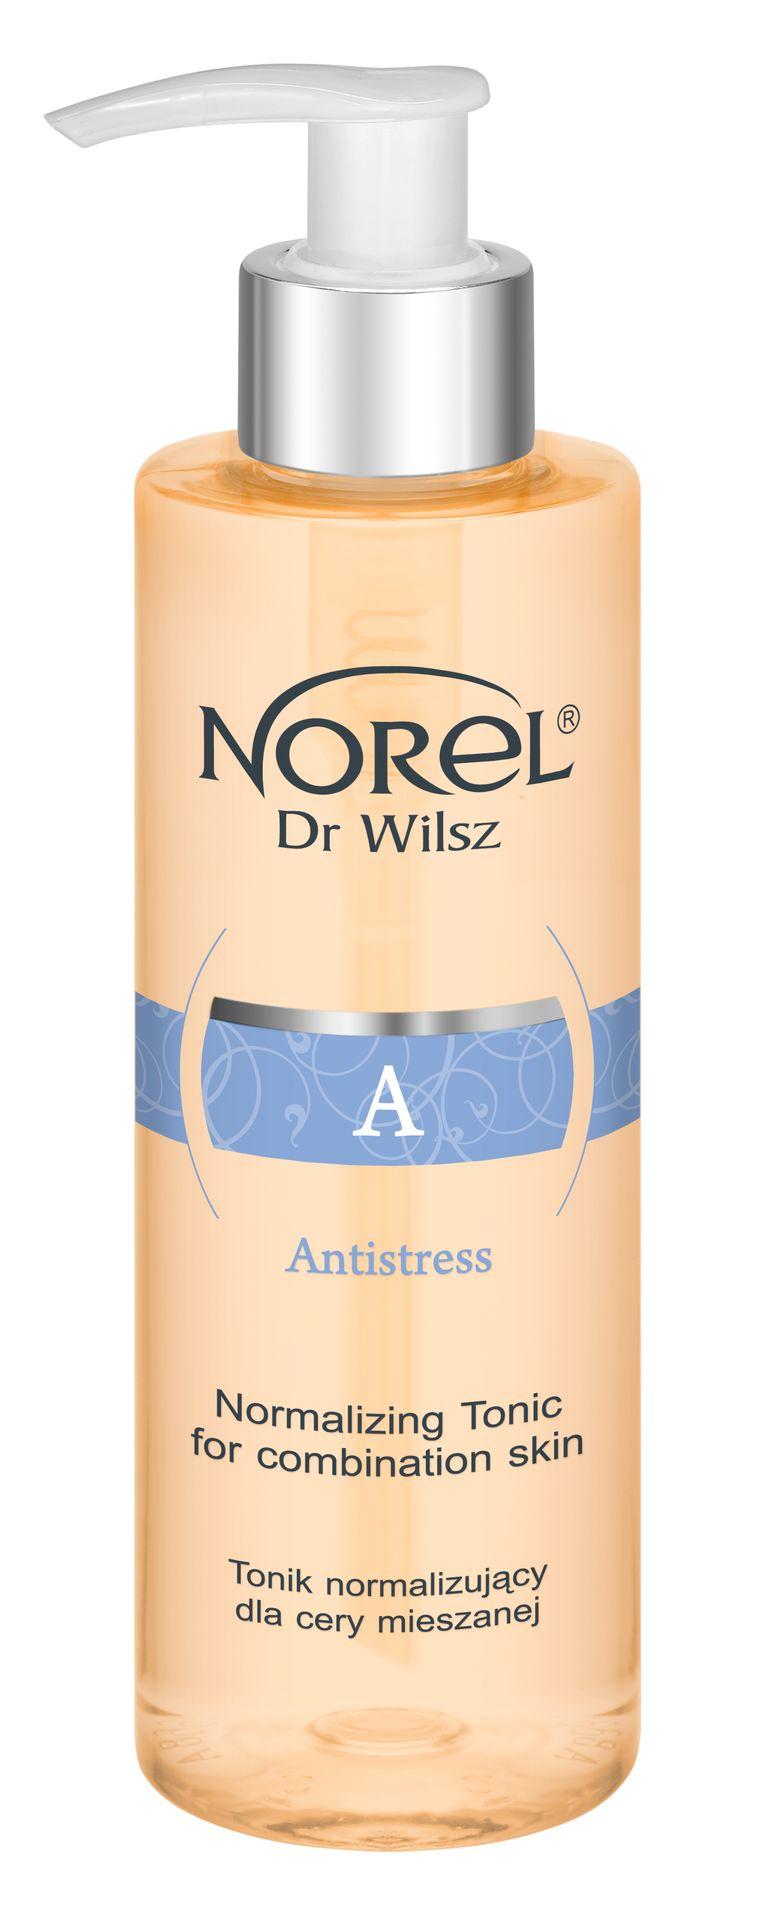 NOREL Dr. Wilsz Тоник нормализующий для комбинированной кожи лица / Normalizing tonic for combination skin 200 мл